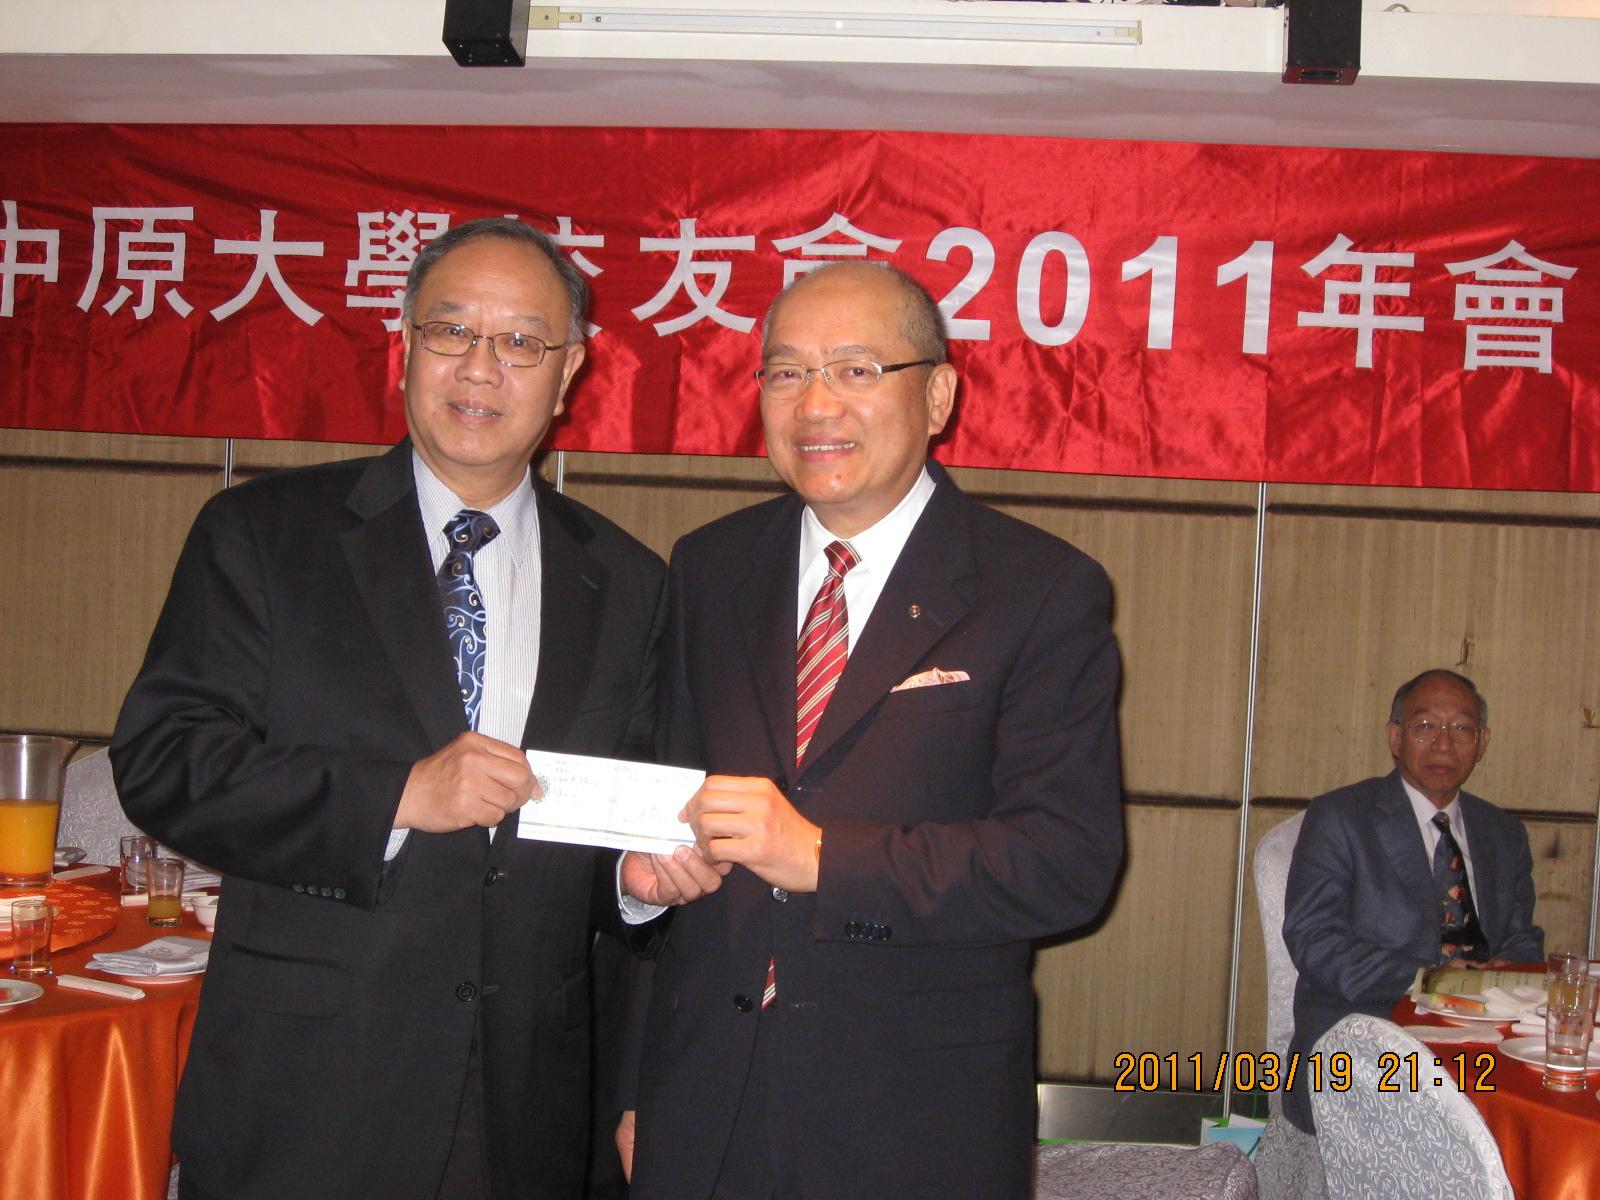 台北市校友會2011年會 謝炎盛校友再捐二百萬元支持聯合行政服務大樓